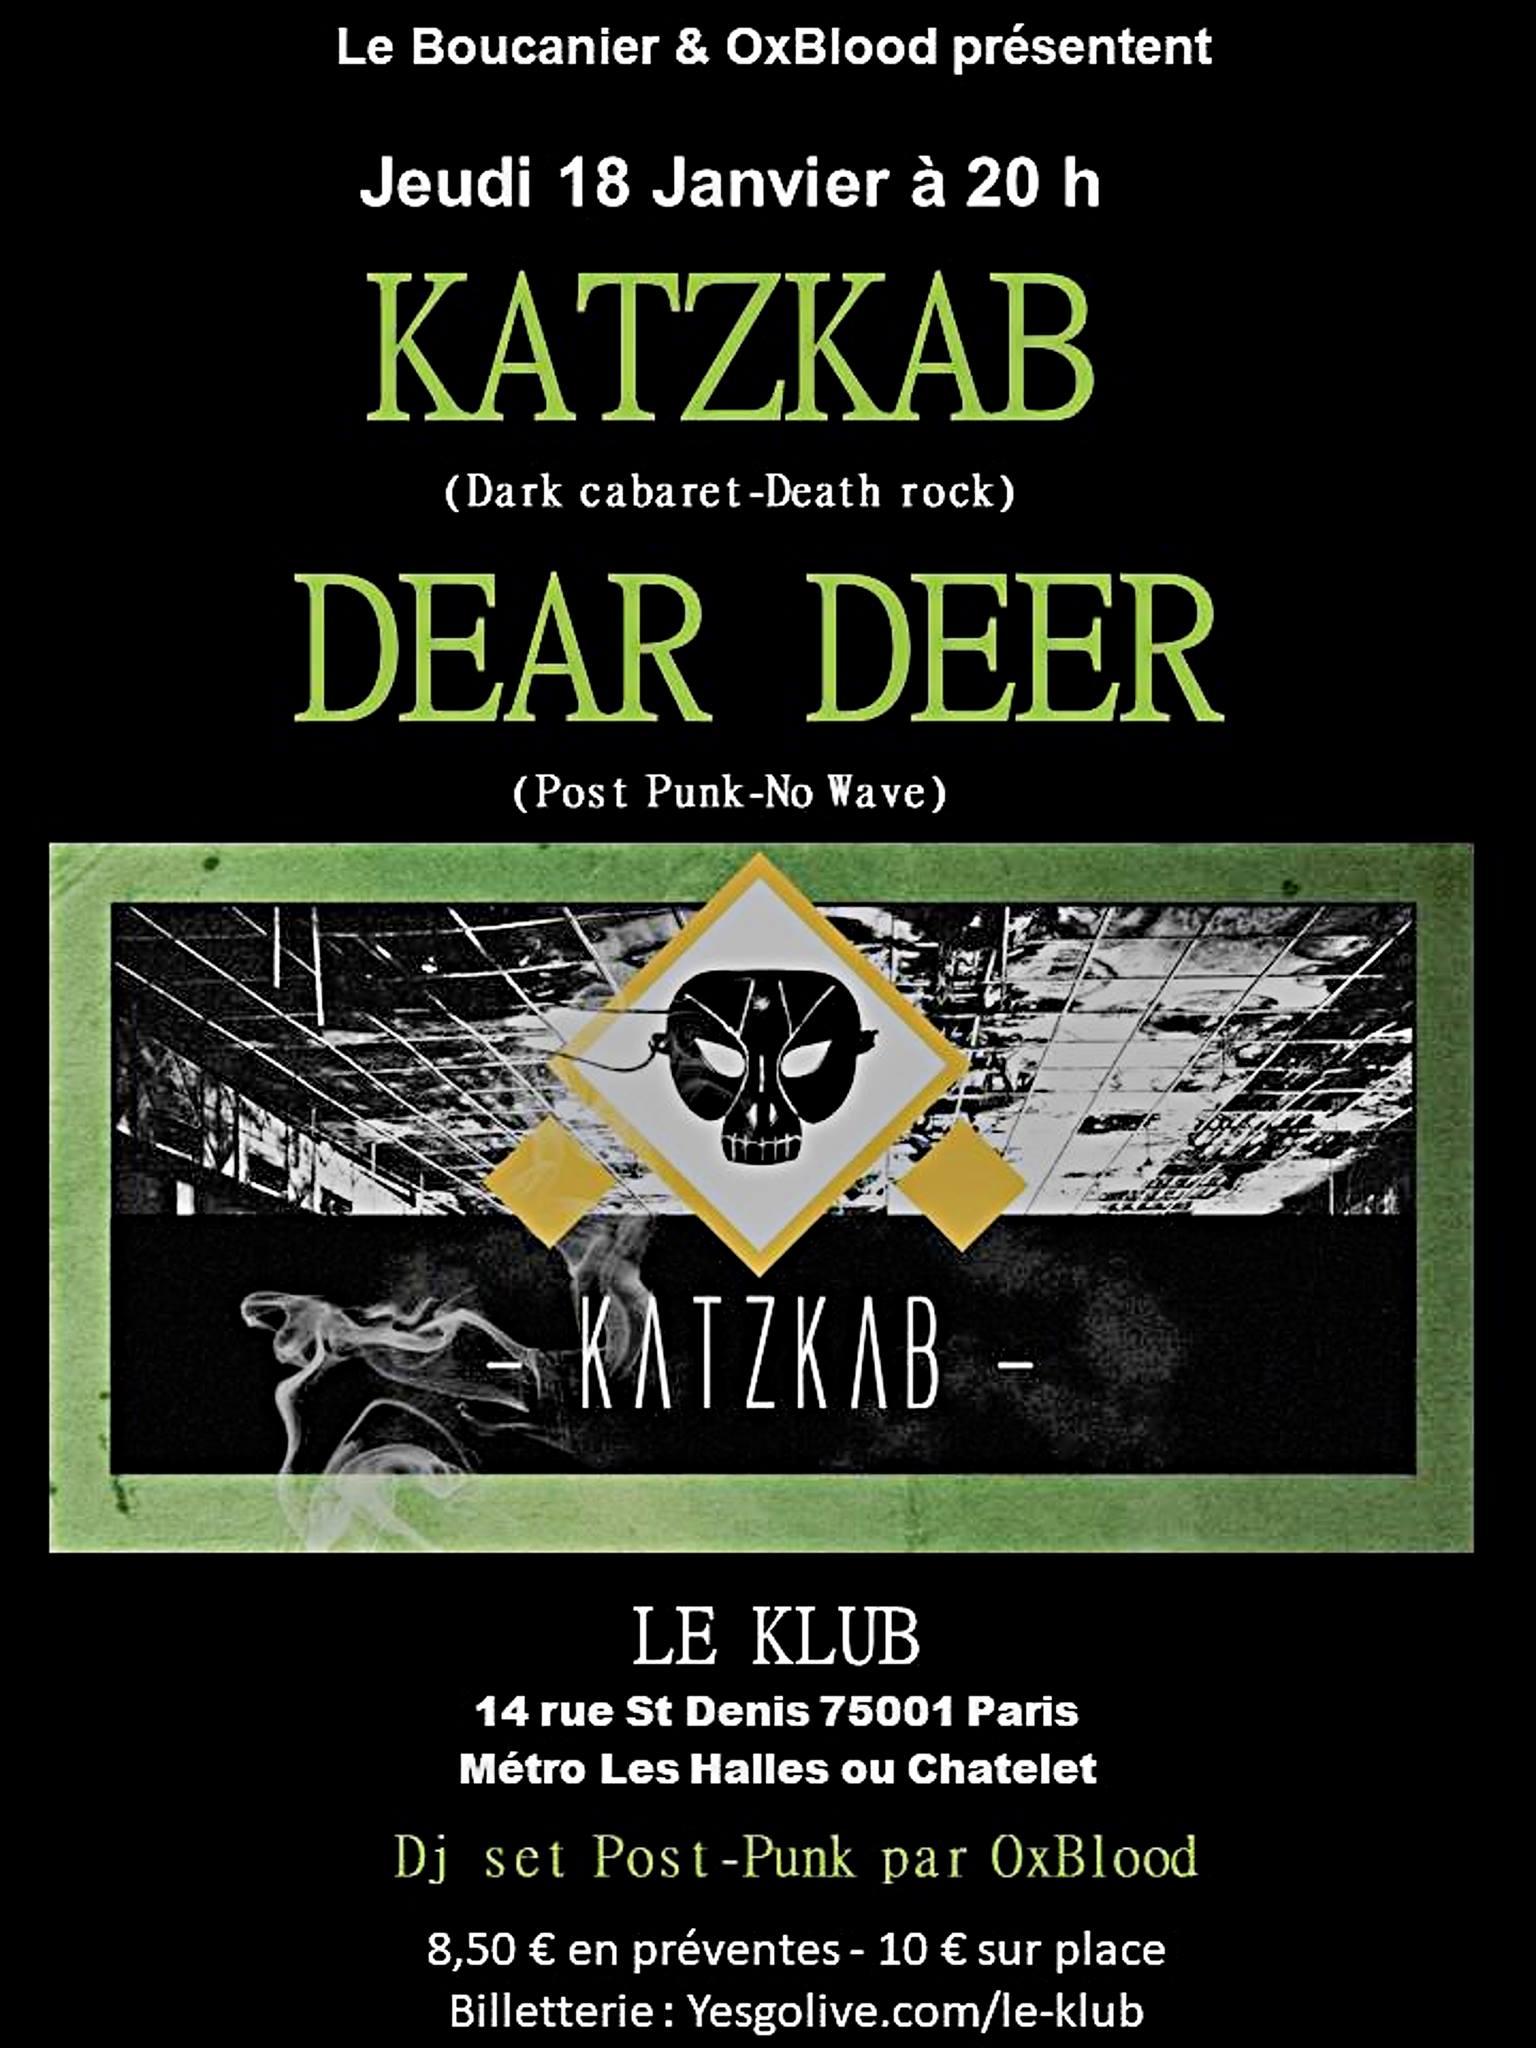 KATZKAB + DEAR DEER ■ 18.01